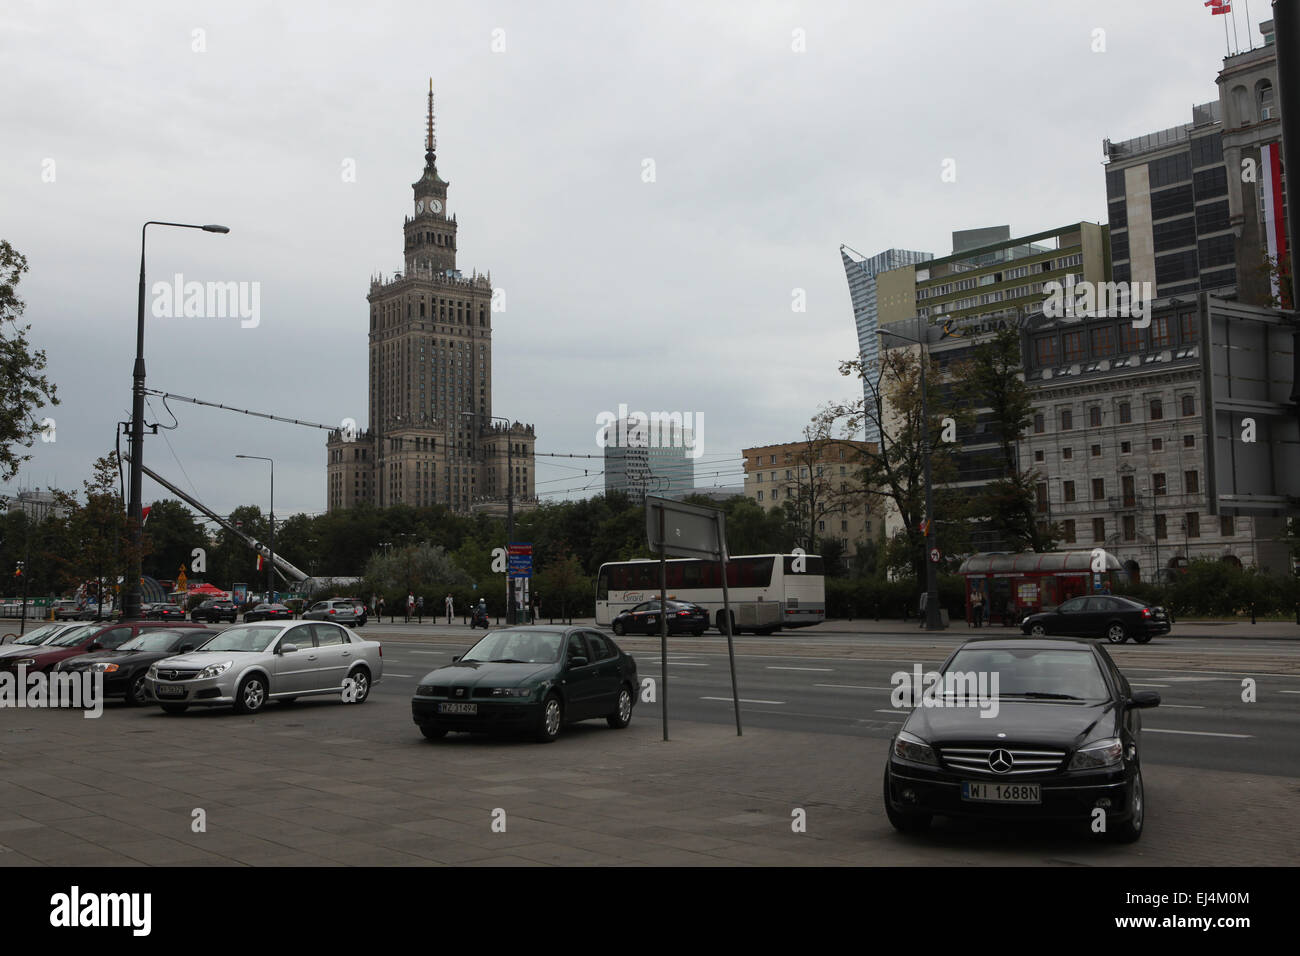 Palast der Kultur und Wissenschaft in Warschau, Polen. Stockbild